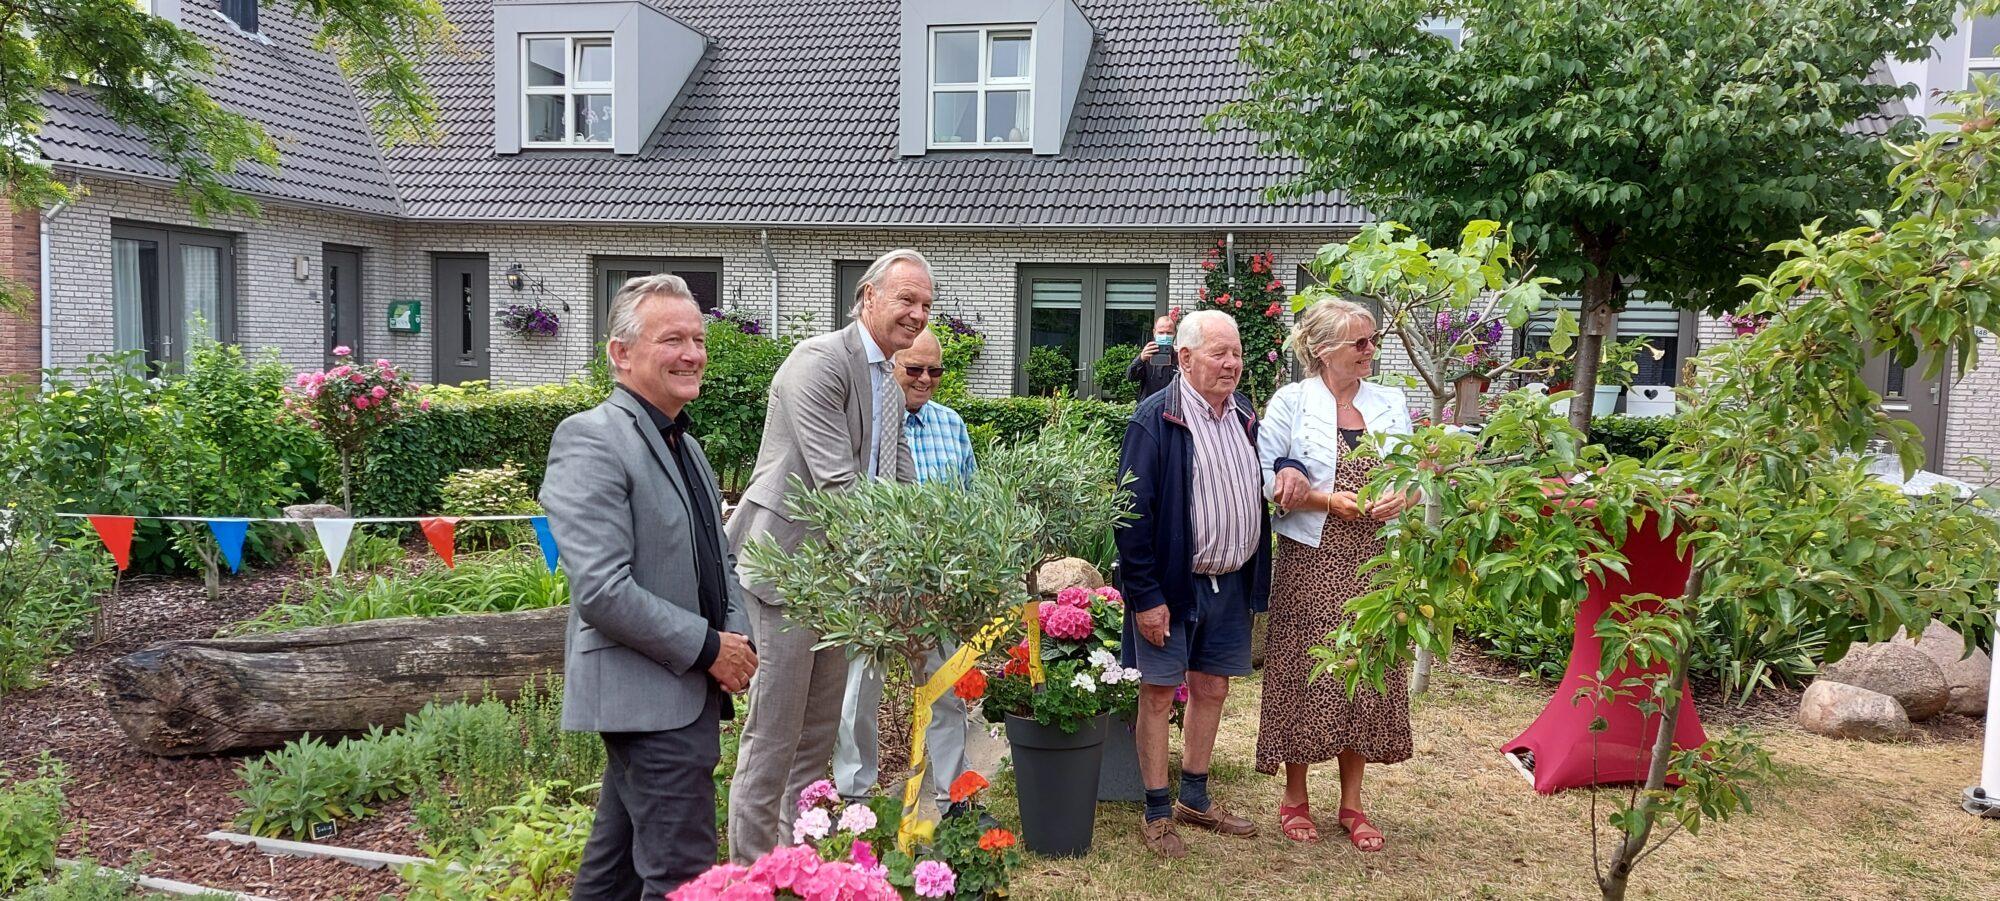 Bewoners Ravenweg versterken sociaal contact